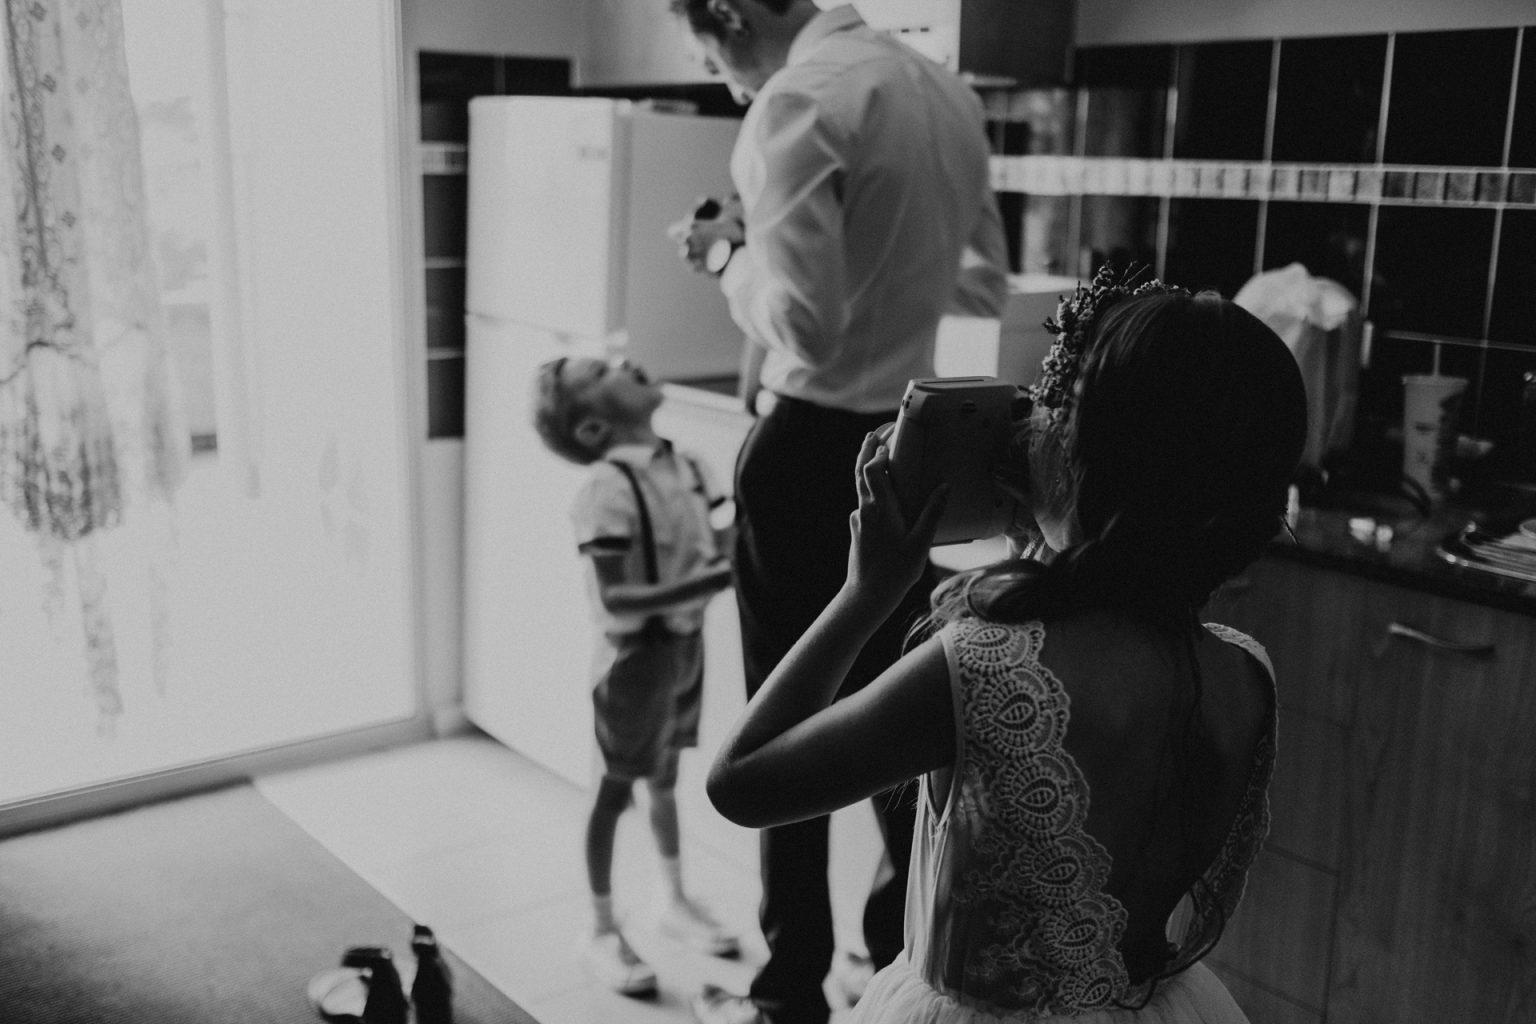 girl taking polaroid